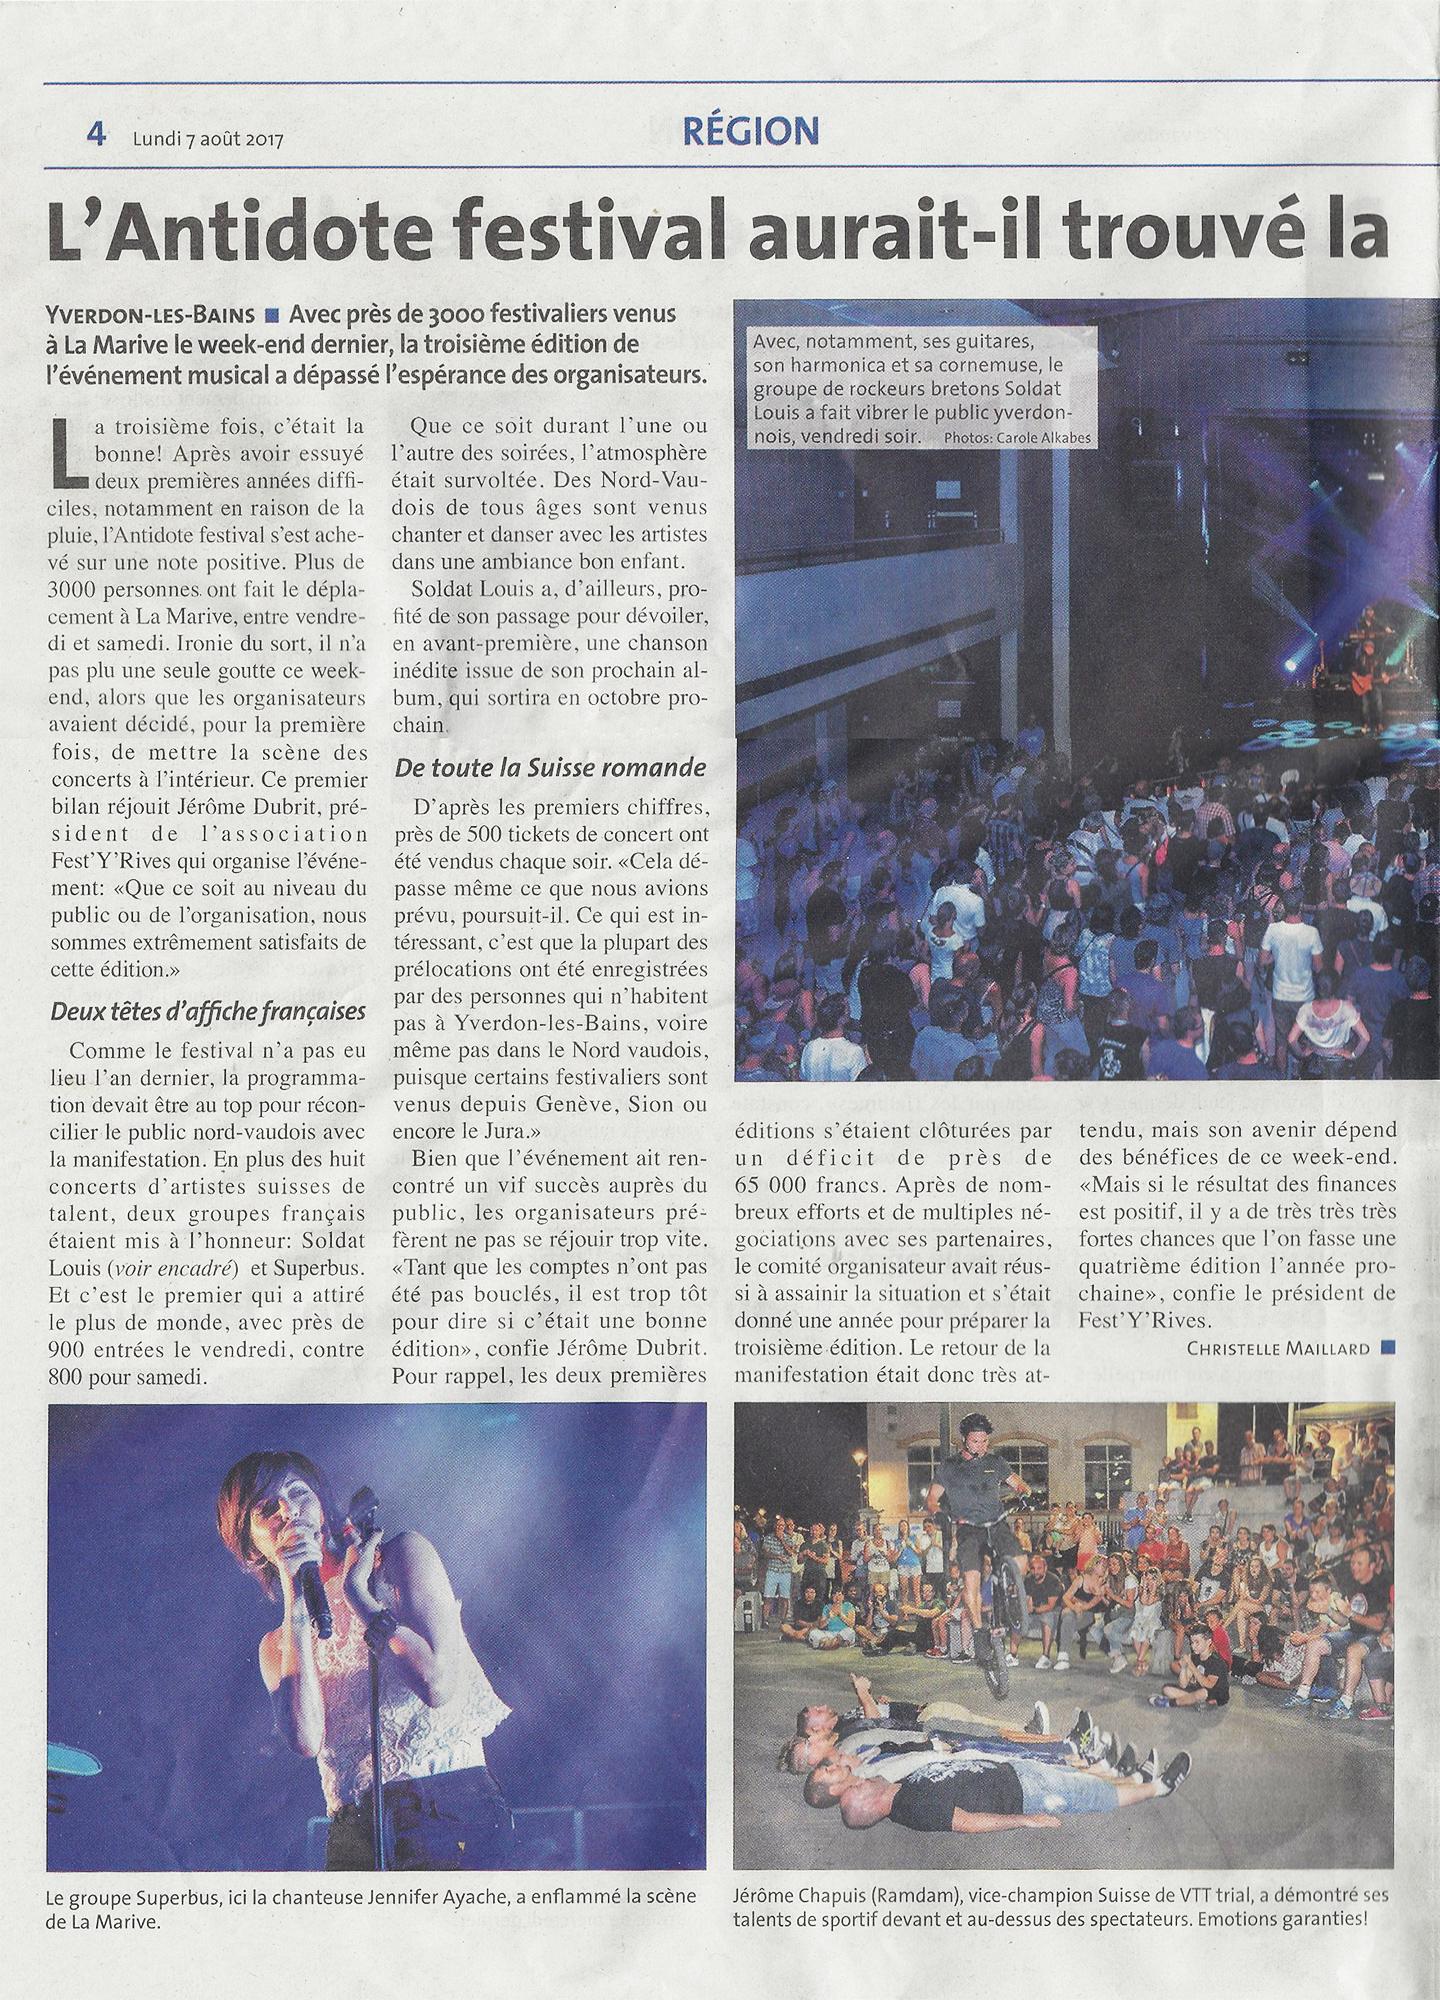 La_Region_show_antidote